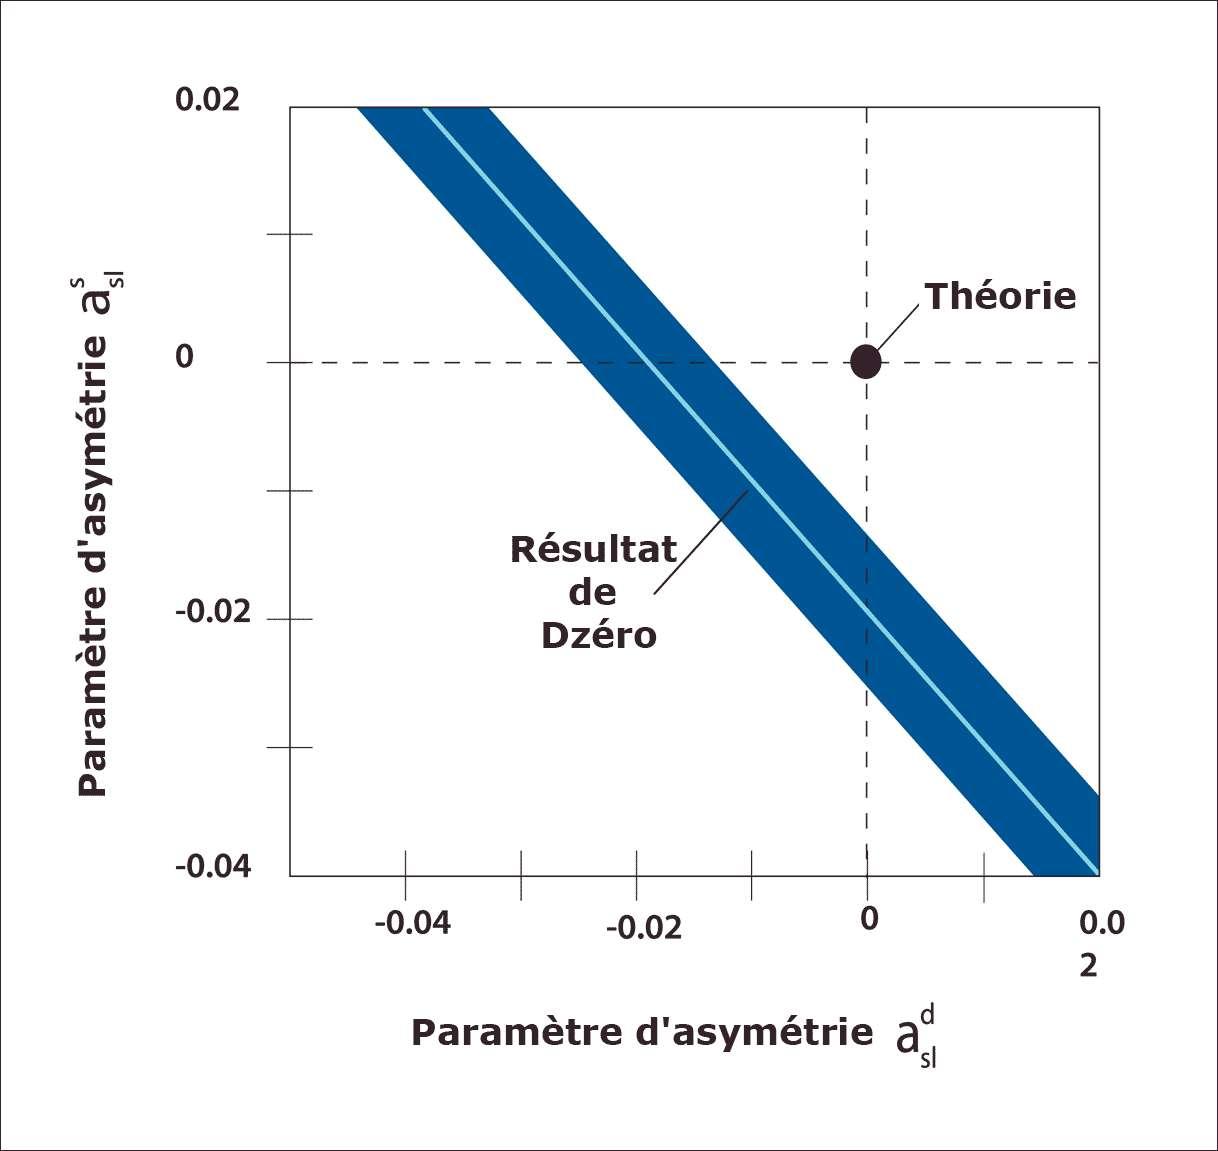 Le modèle standard des particules élémentaires autorise la violation CP avec une certaine amplitude. La théorie prédit certains phénomènes violant la symétrie CP et l'une de ces prédictions est représentée par un point sur ce diagramme. Les expériences indiquent que l'effet est très probablement dans le domaine en bleu sur le schéma. Le désaccord est net. Crédit : DZero